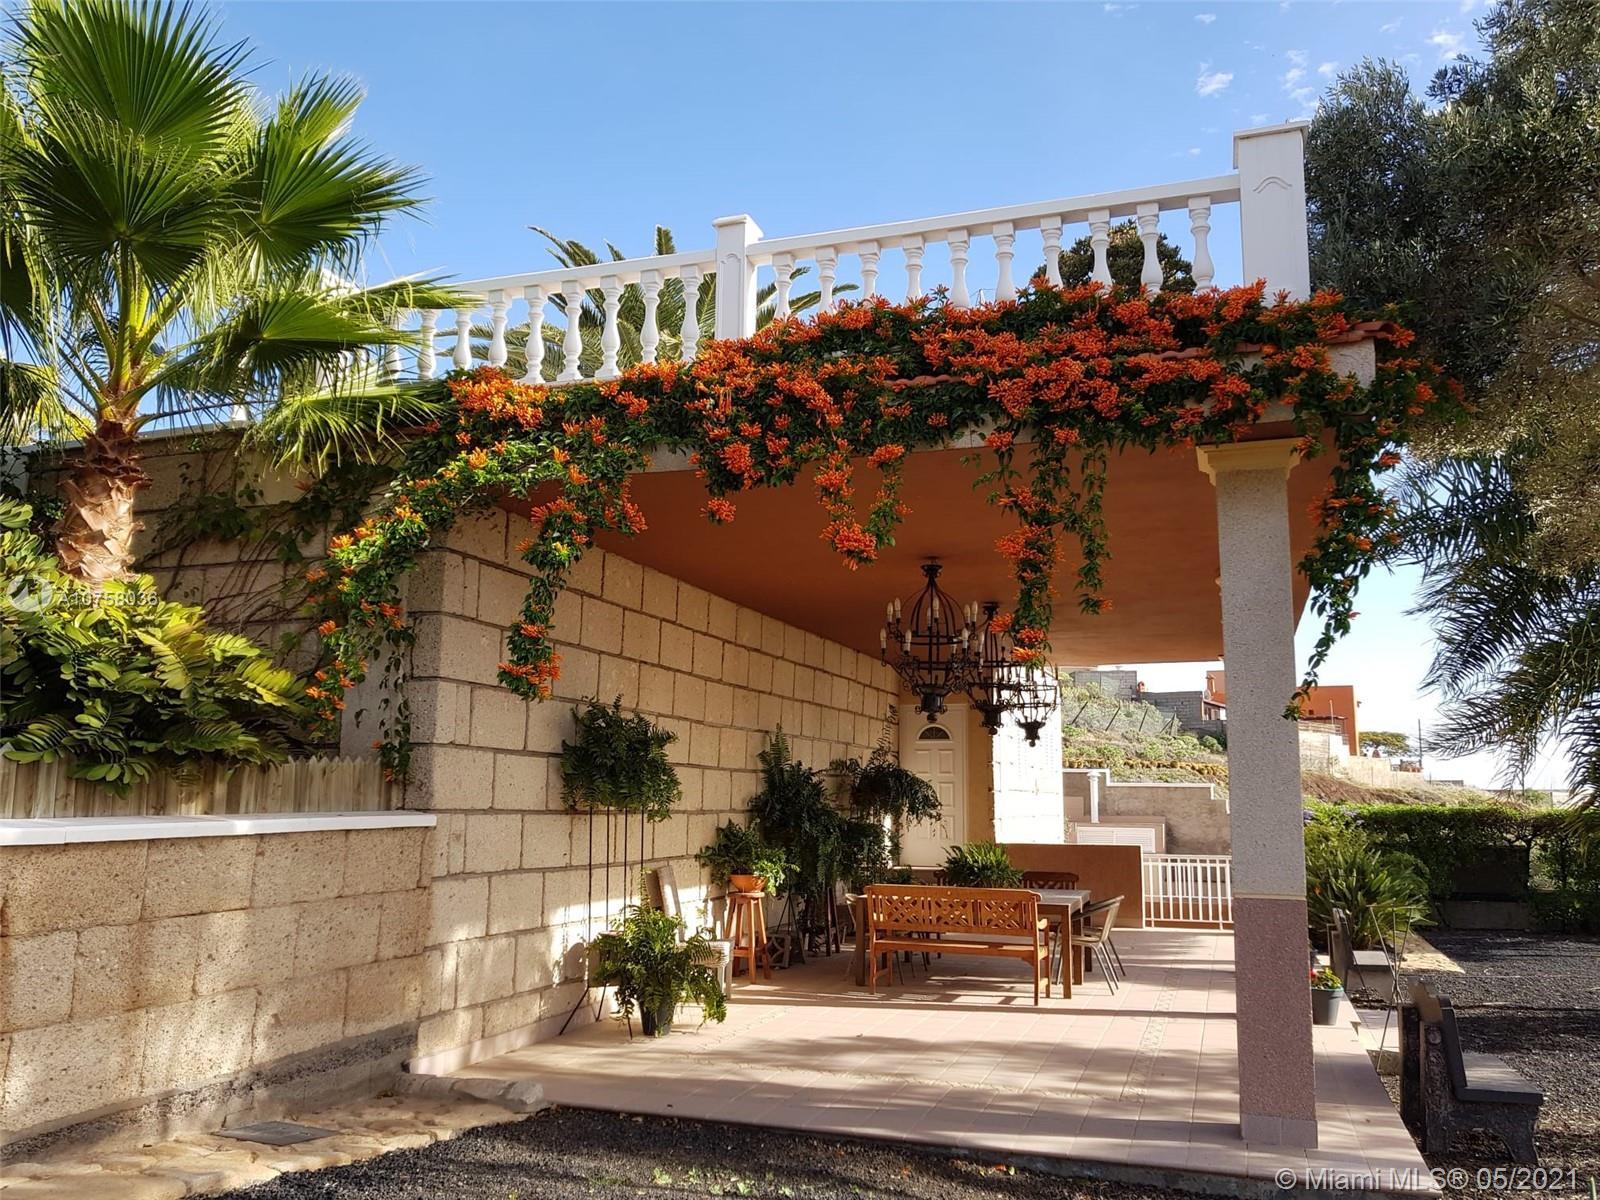 Photo of Del Sur  Tenerife, TX 33333